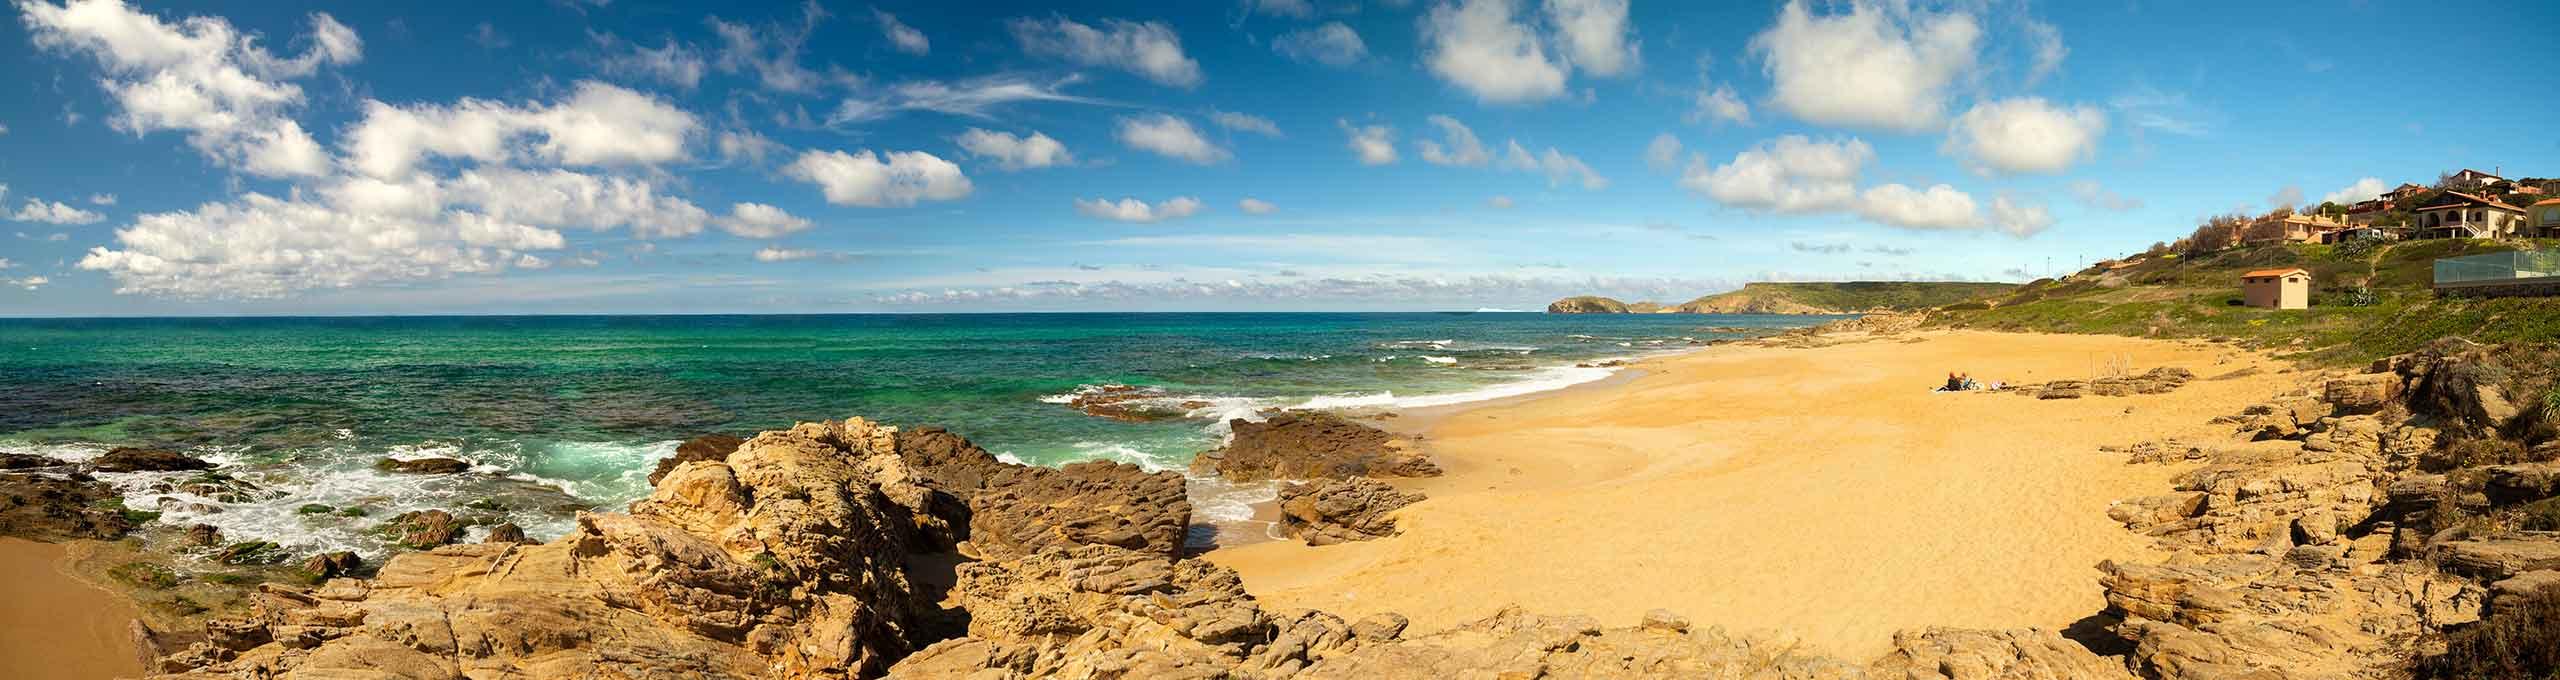 Arbus, Costa Verde